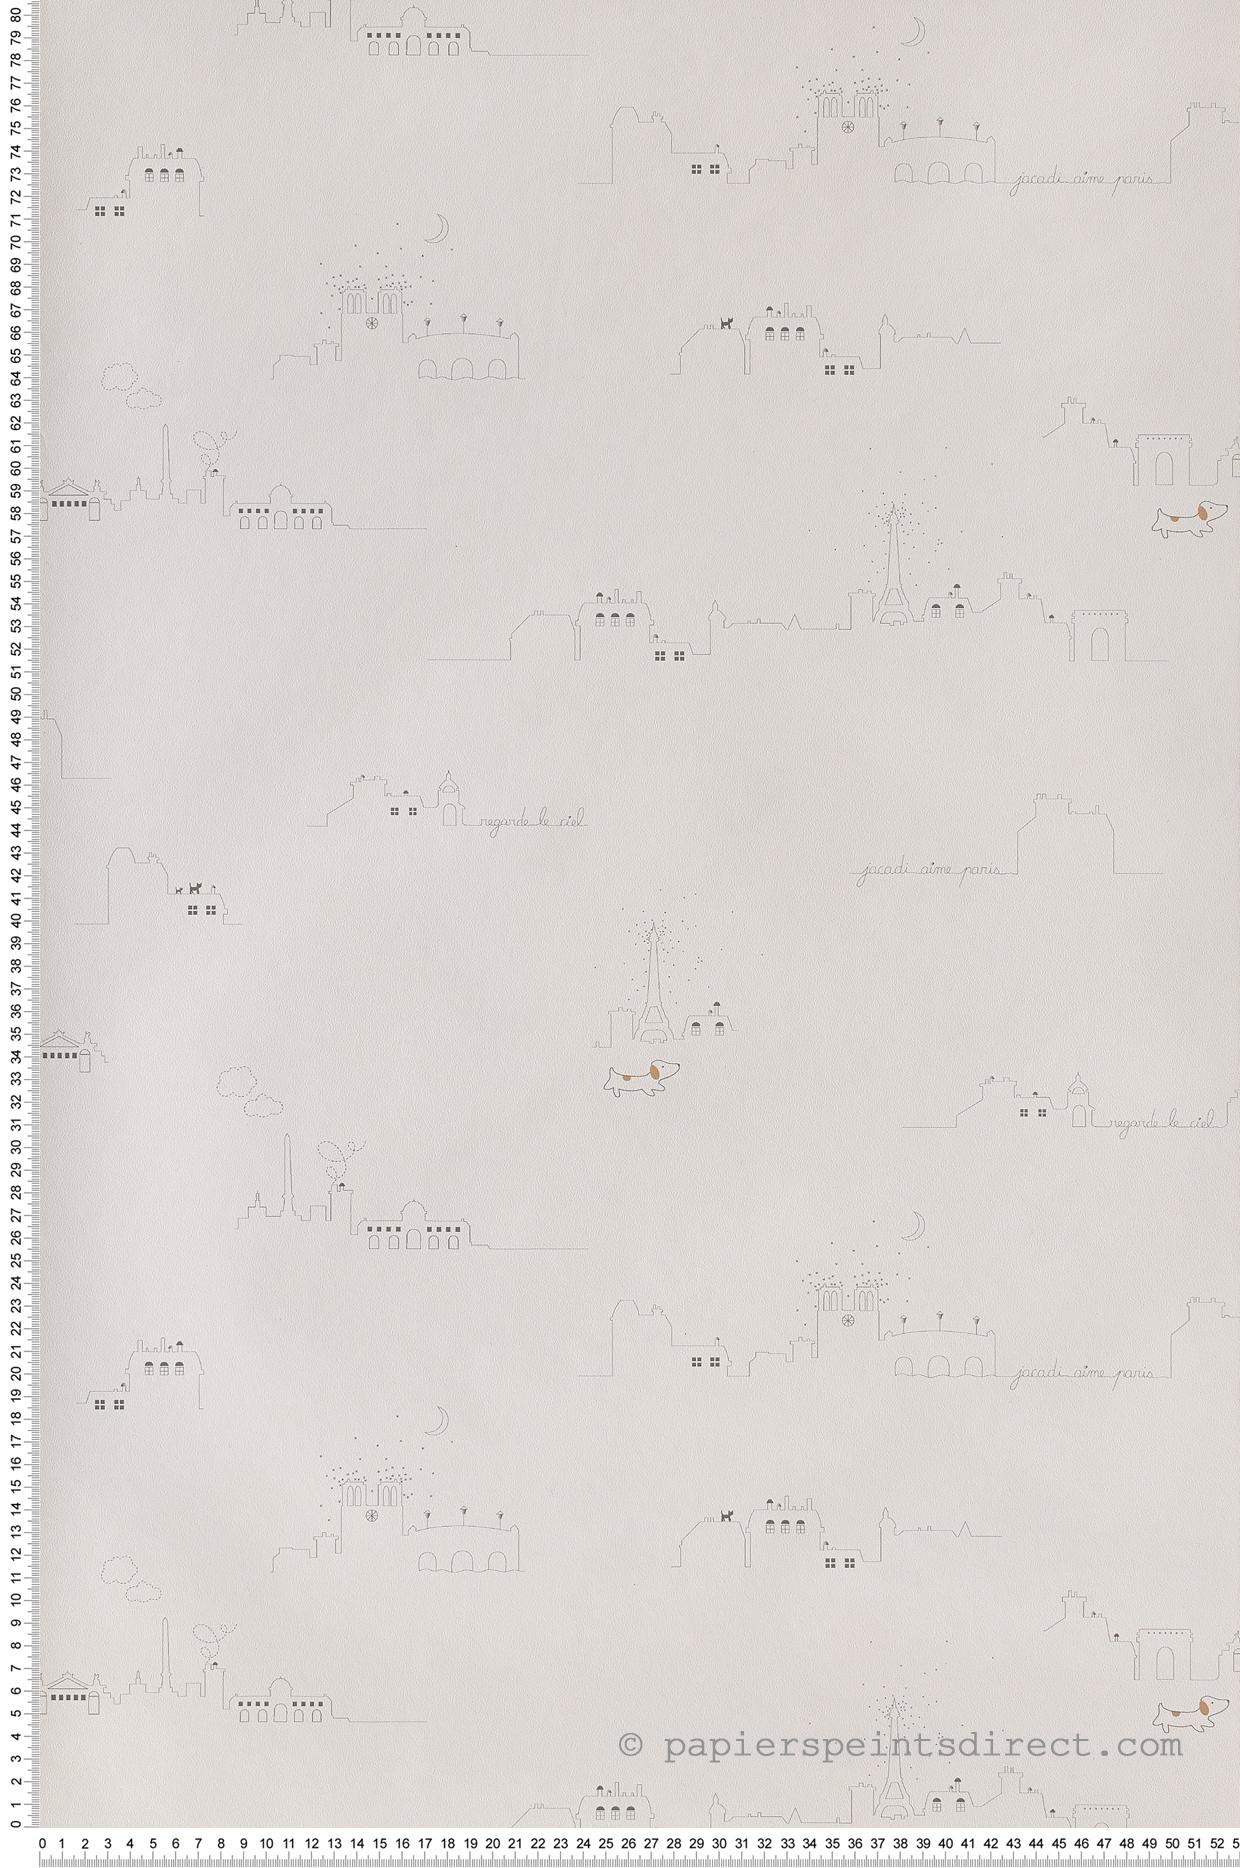 Papier Peint Toits De Paris Jacadi De Lutece Ref Ltc 36170809